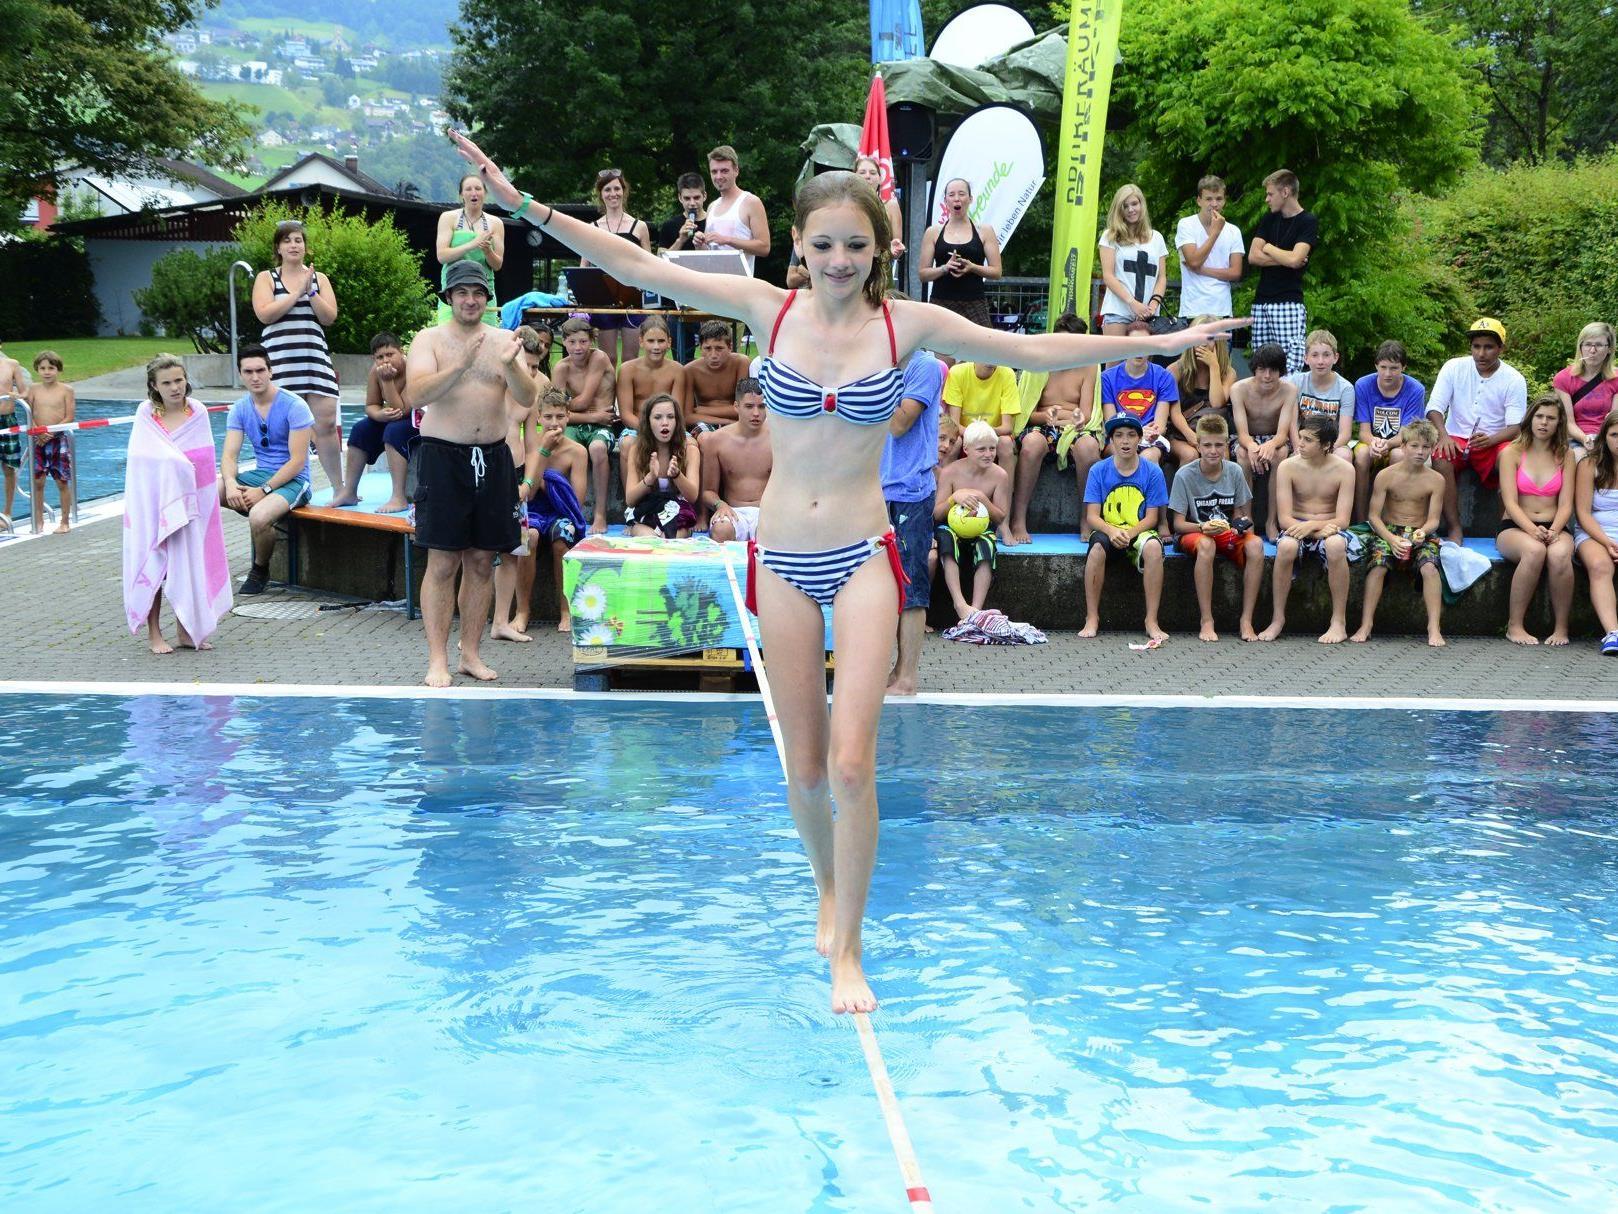 Viel Gleichgewicht und Konzentration legten die Teilnehmer beim Waterline-Contest an den Tag